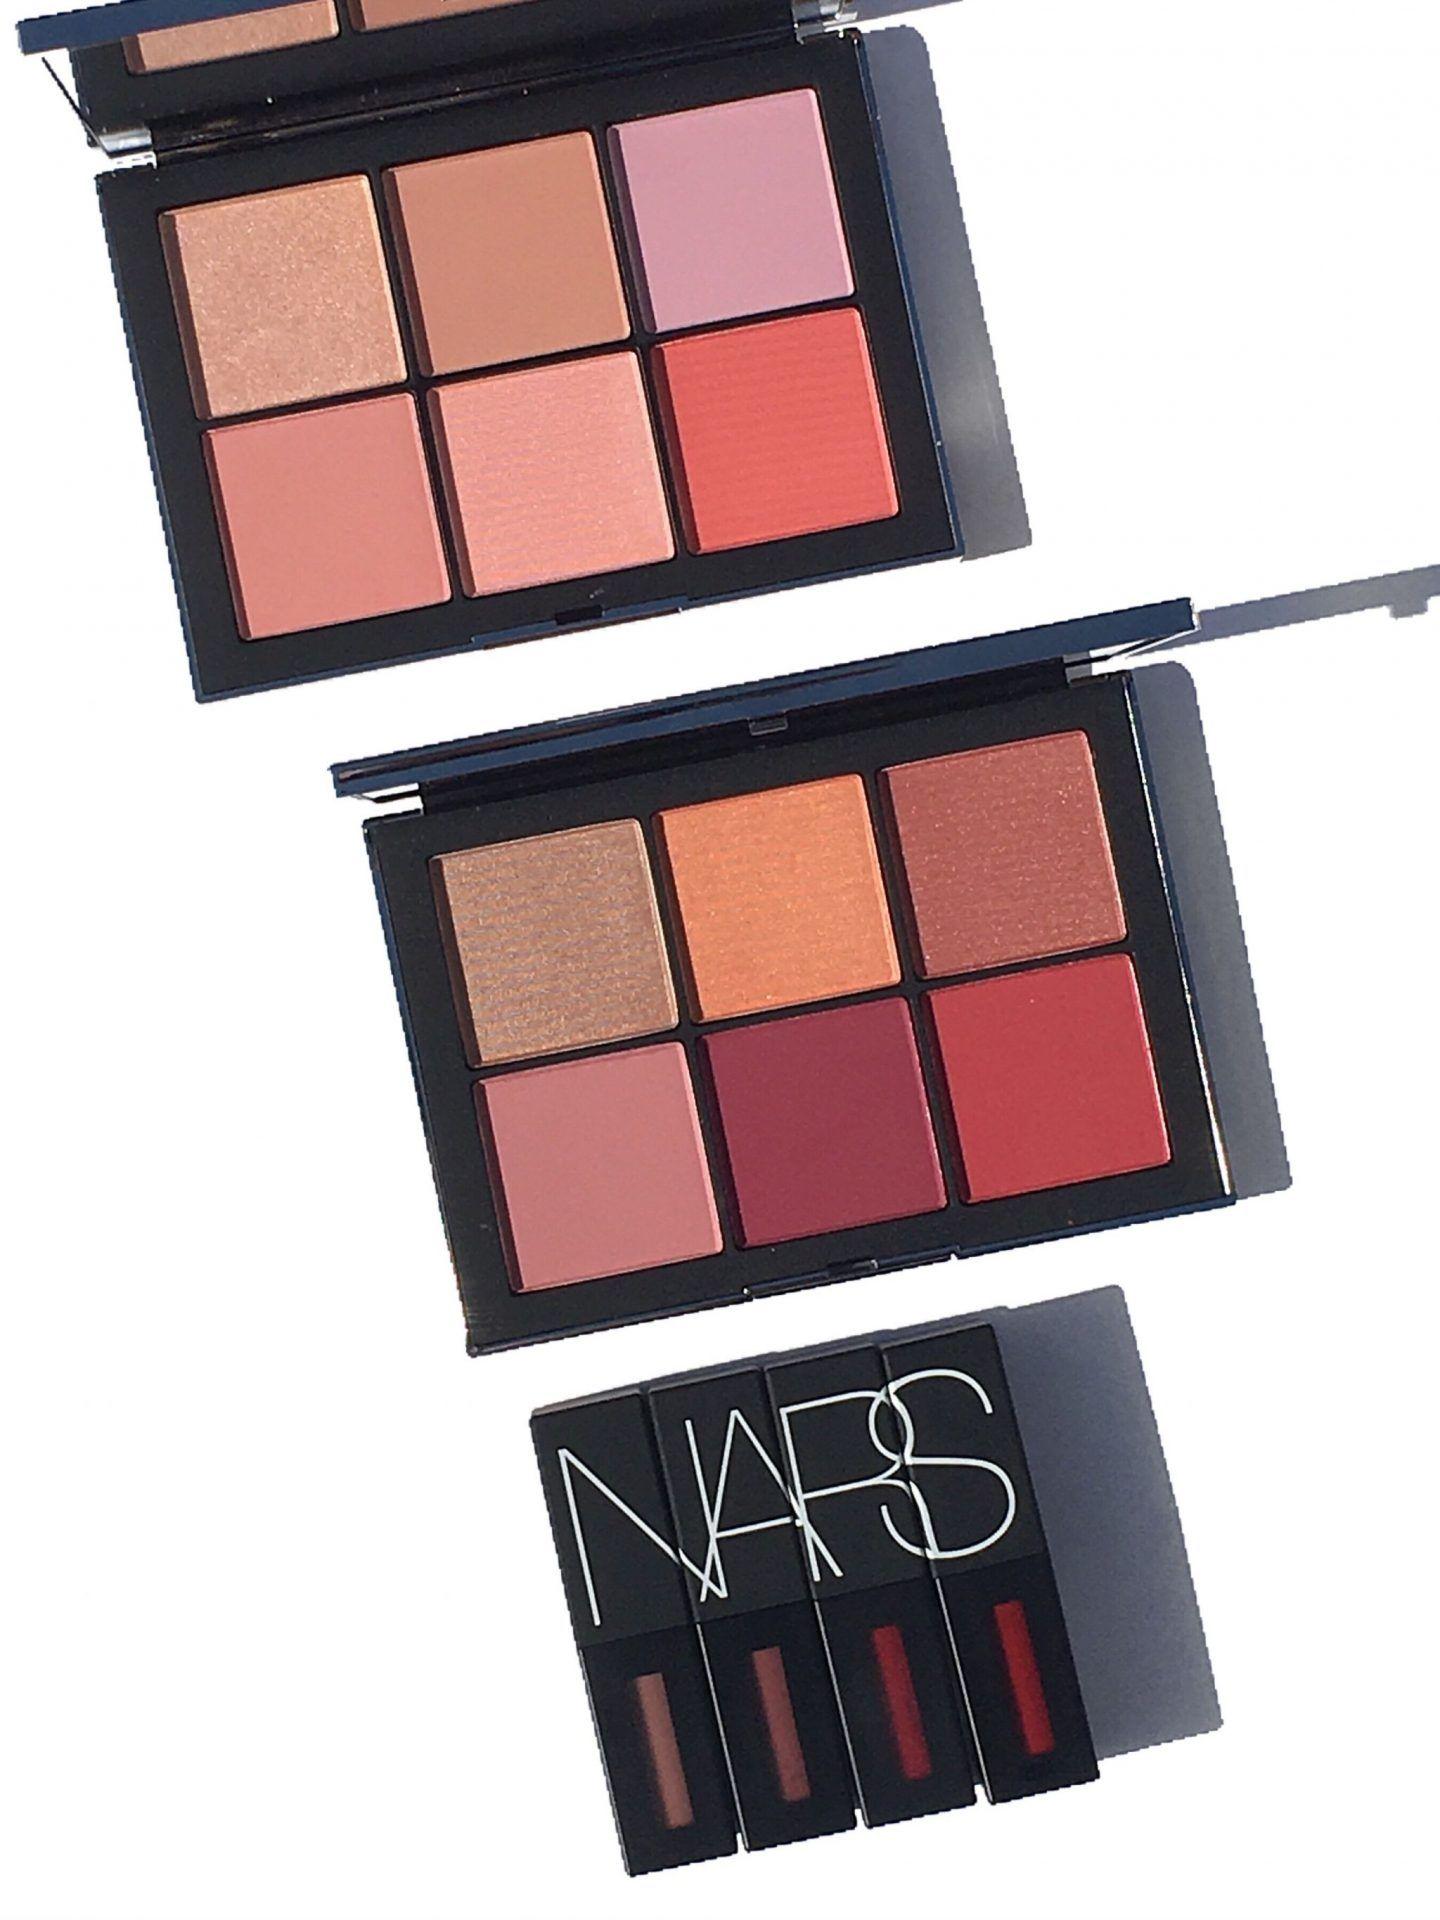 Narsissist nars eye cheek palettes spring catalog photo